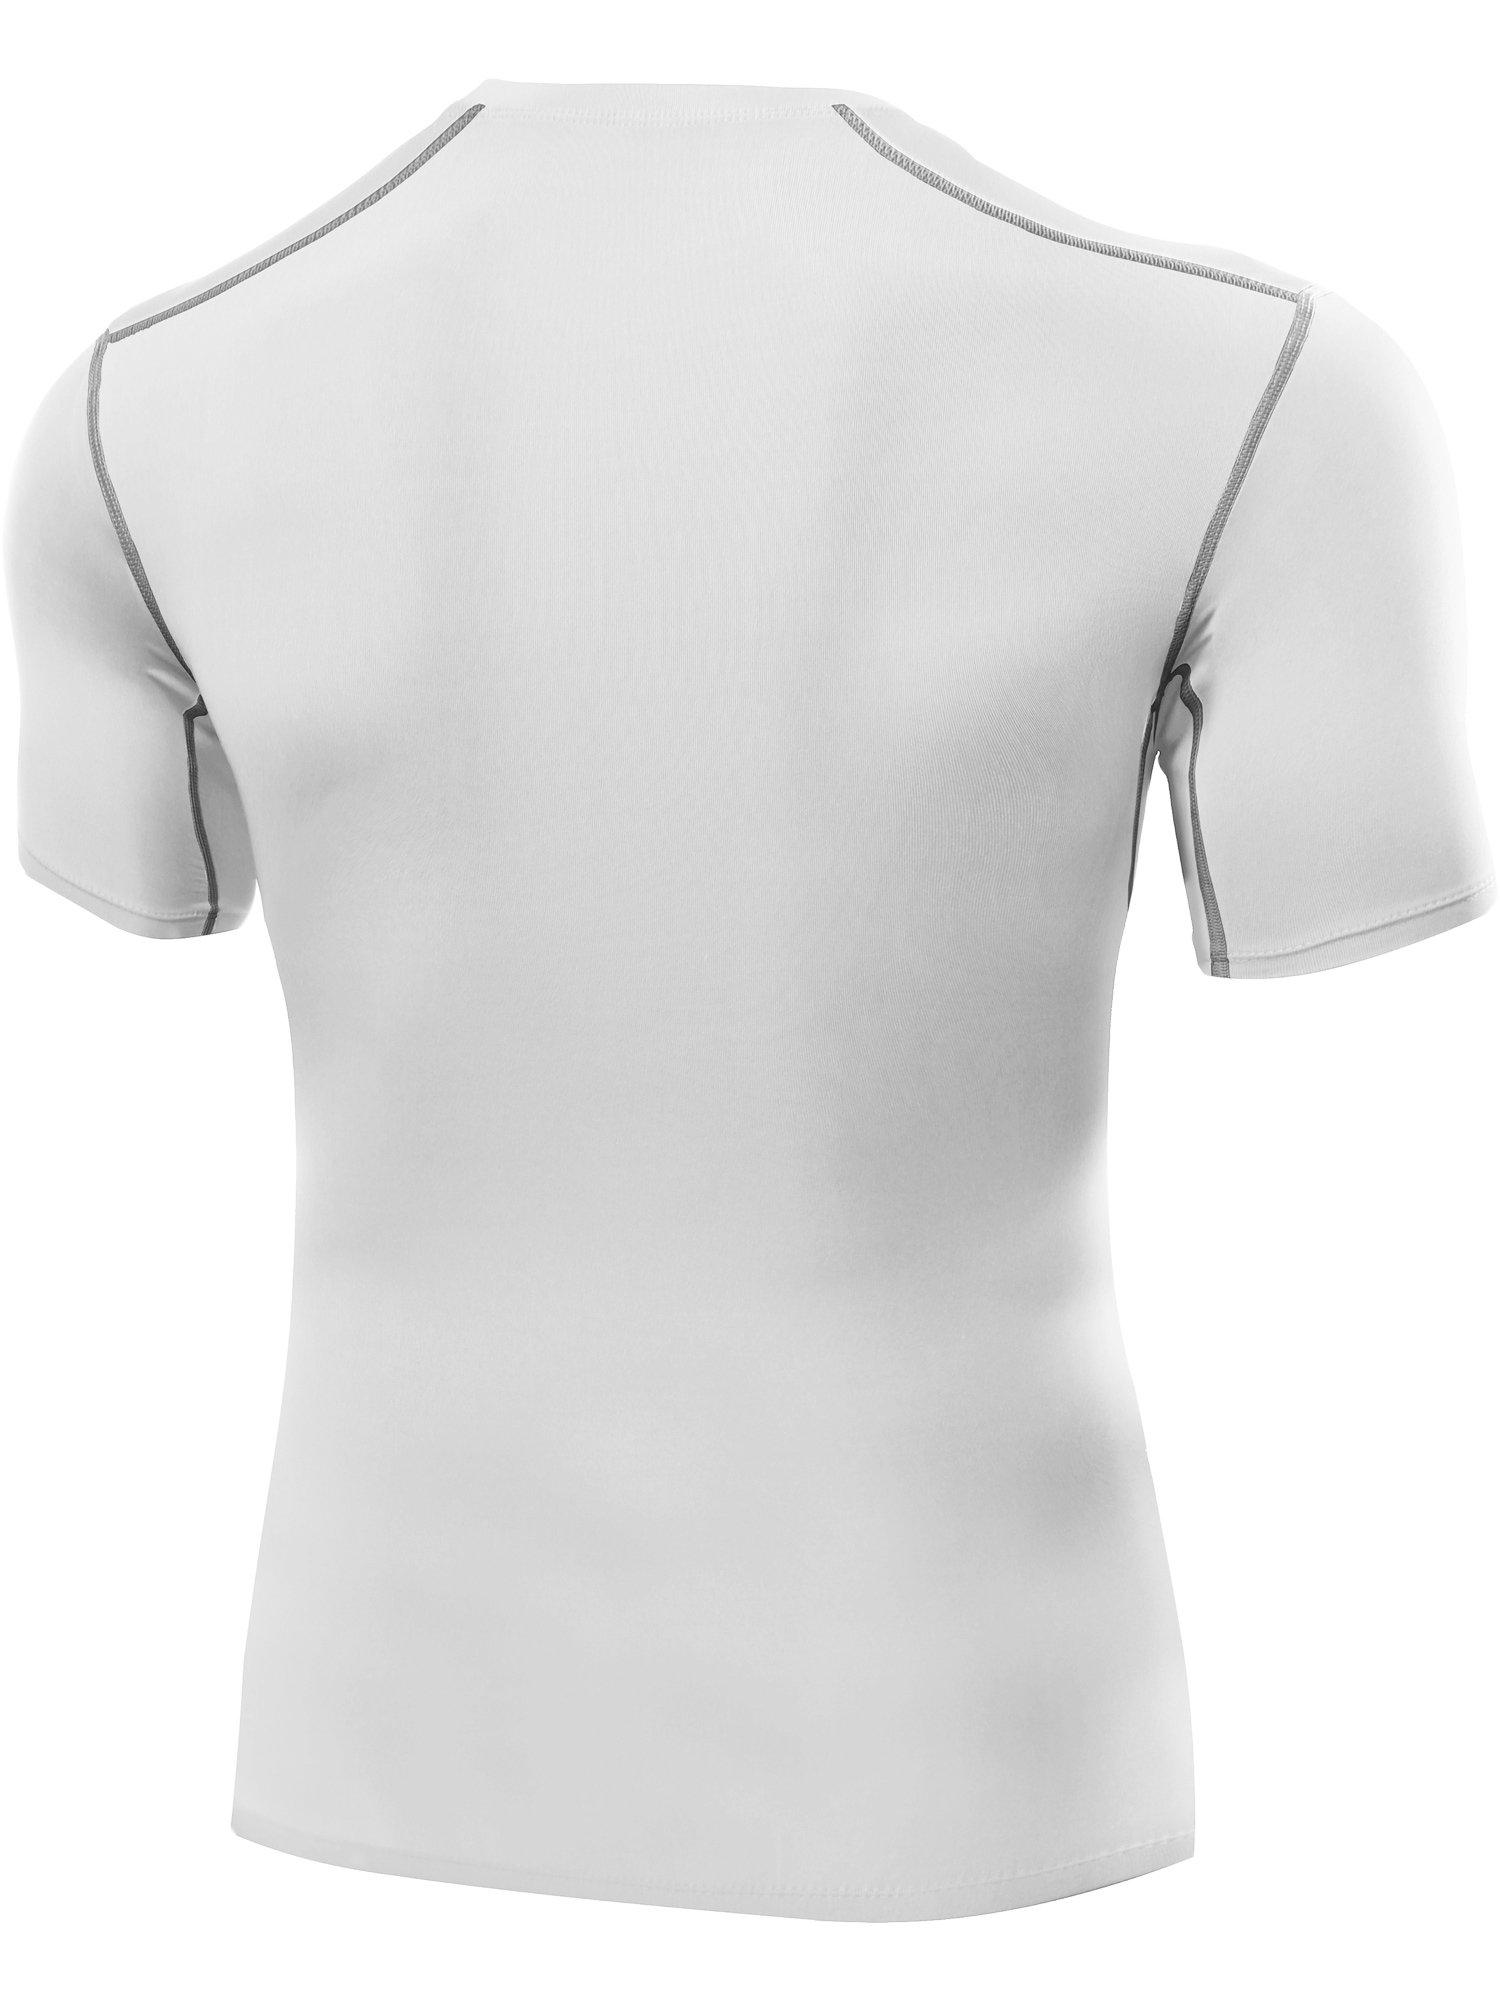 72b744ec335 Neleus Men s 3 Pack Workout Athletic Compression Shirts